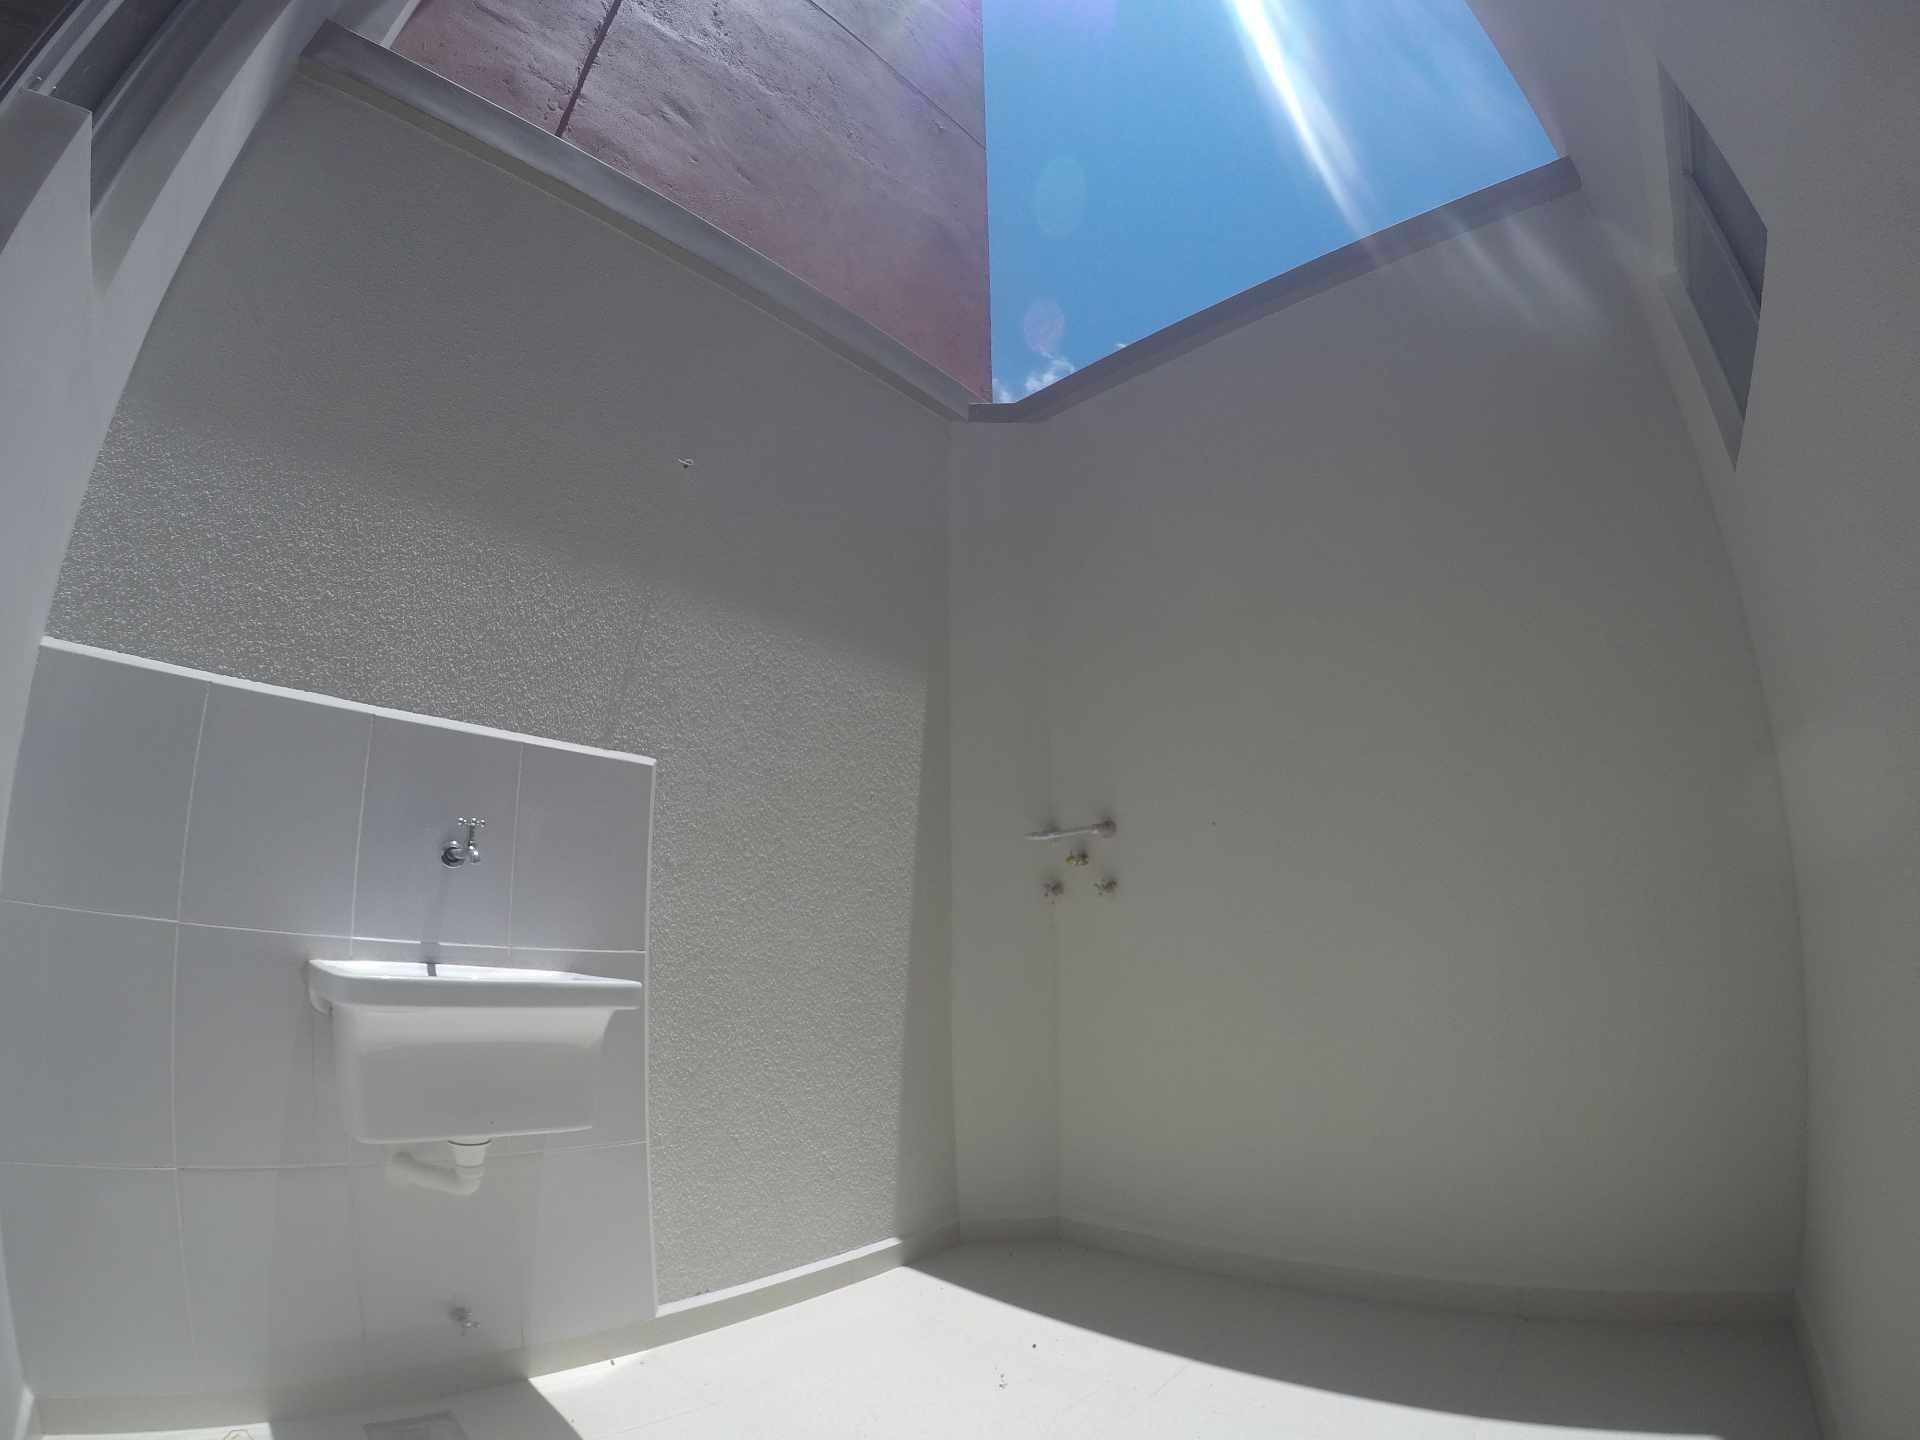 Casa en Alquiler Casa independiente en alquiler a estrenar, próximo a Parque Los Mangales II [Av. Beni y 4to. Anillo], De 3 plantas, 3 dormitorios (2 en suite), con dependencias. [1000$us.] Foto 13